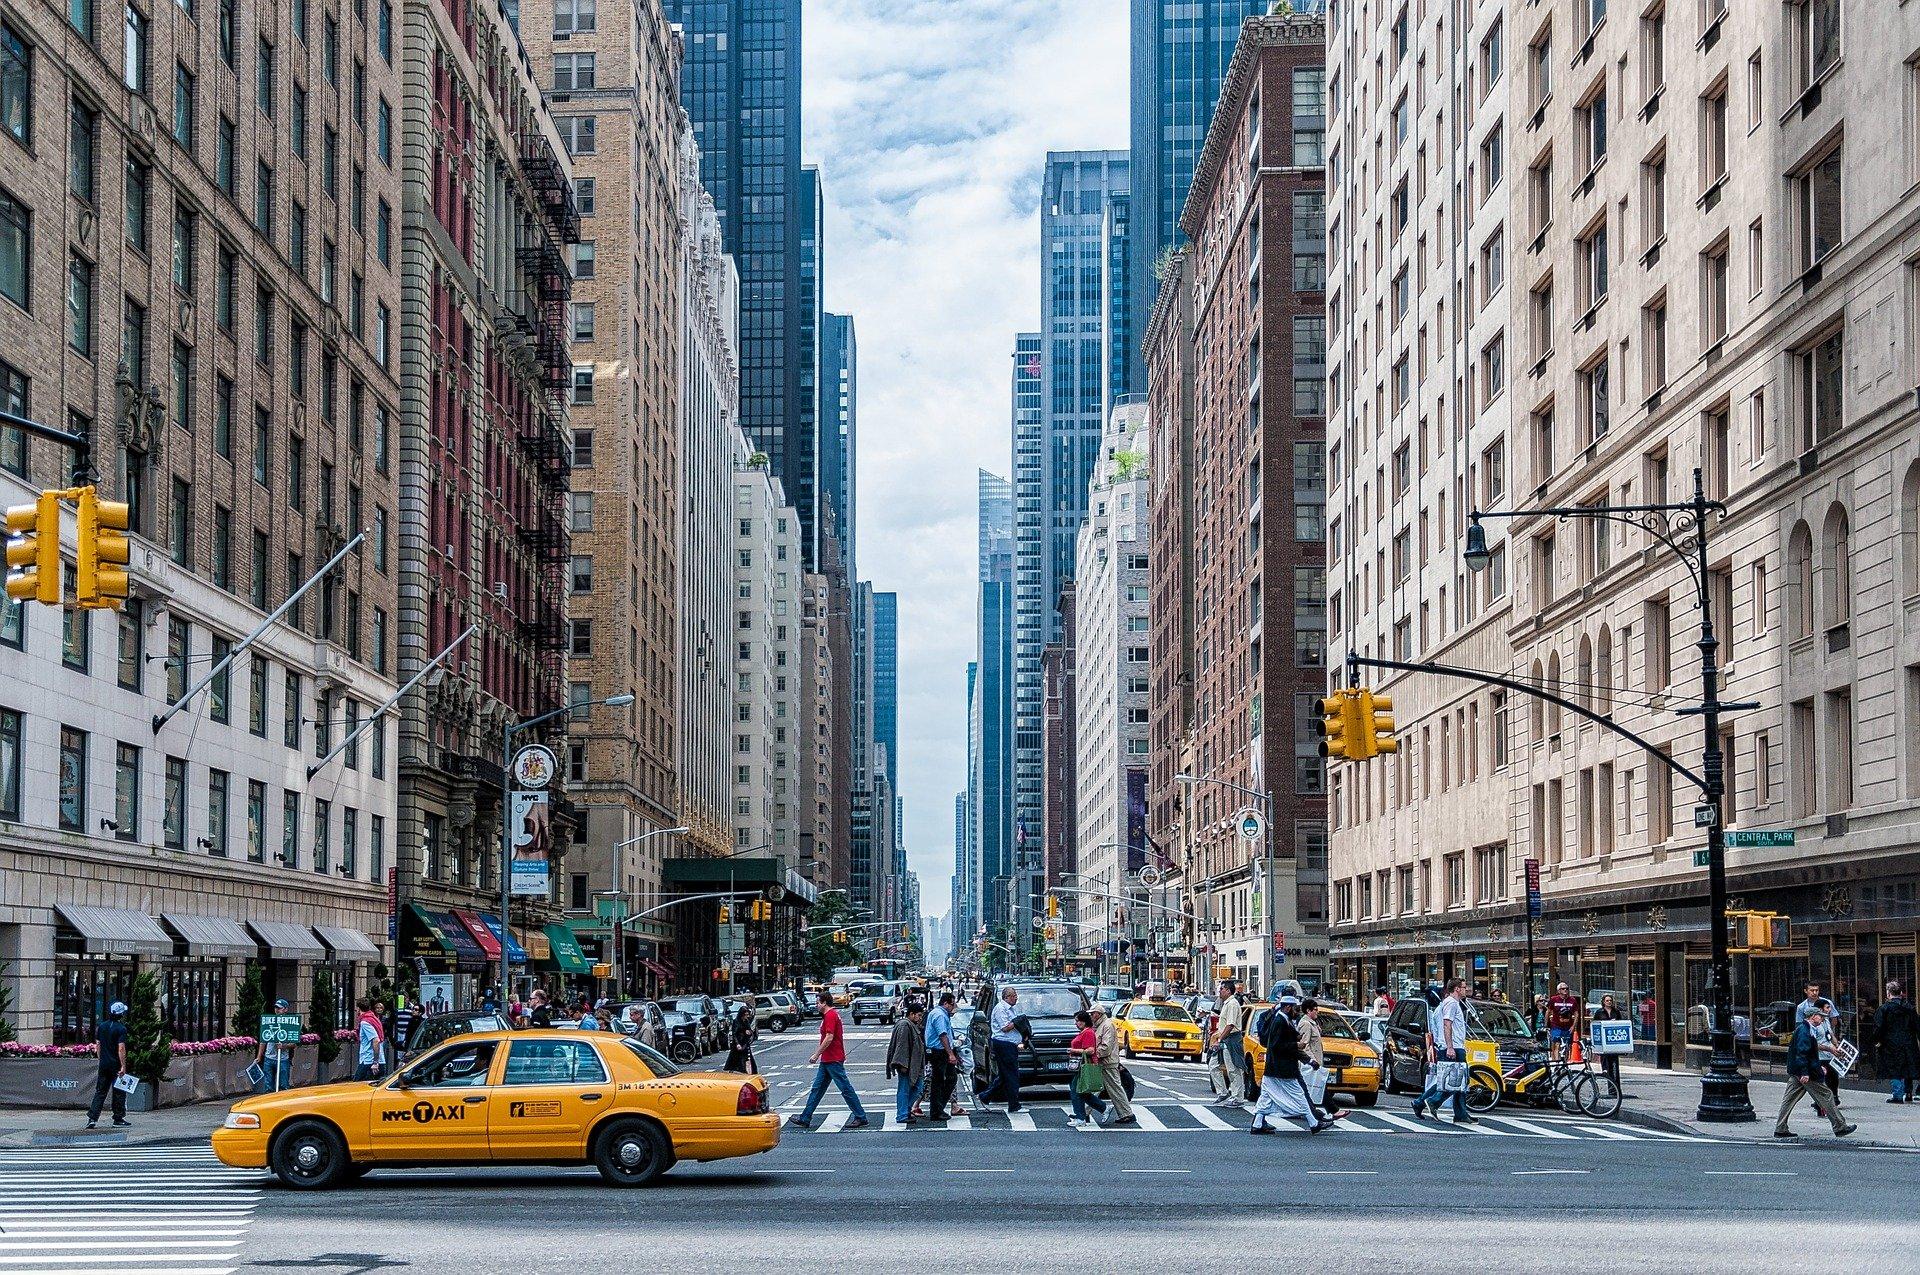 おすすめ関連情報 ニューヨーク行き格安航空券 成田ニューヨーク 関空ニューヨーク 名古屋ニューヨーク 旅TIME